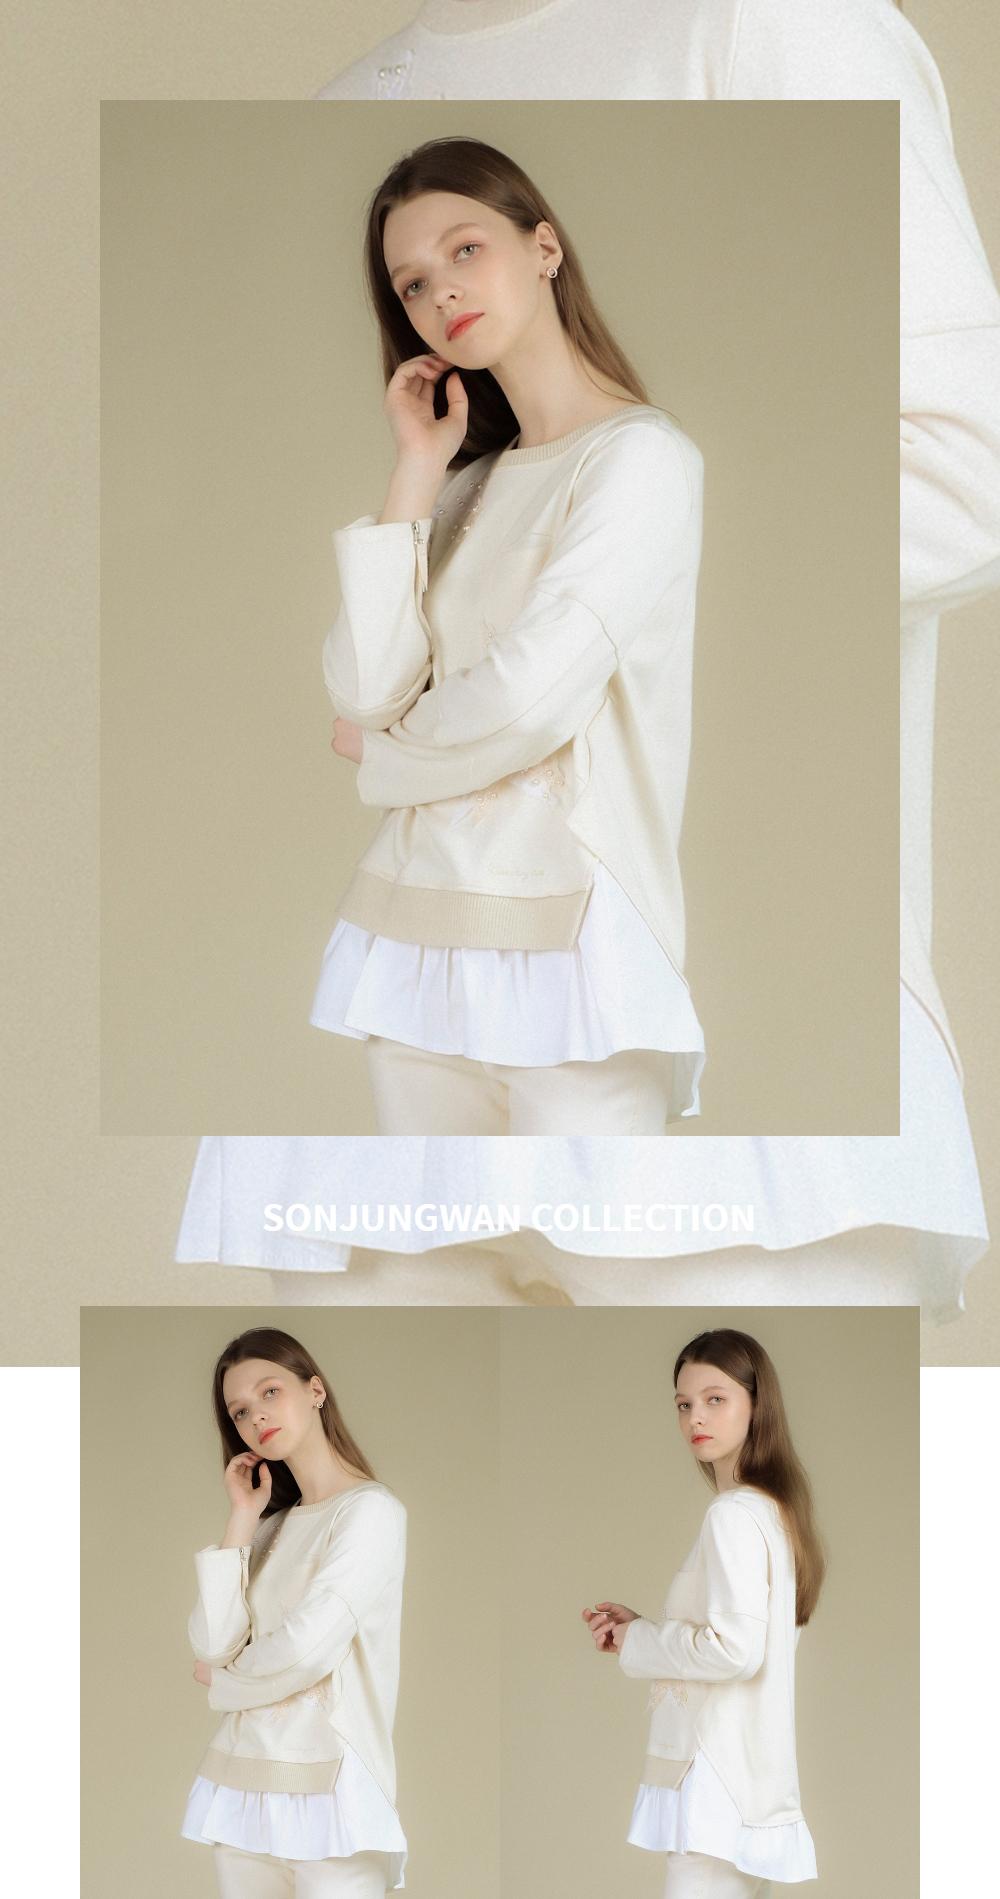 긴팔 티셔츠 모델 착용 이미지-S2L2